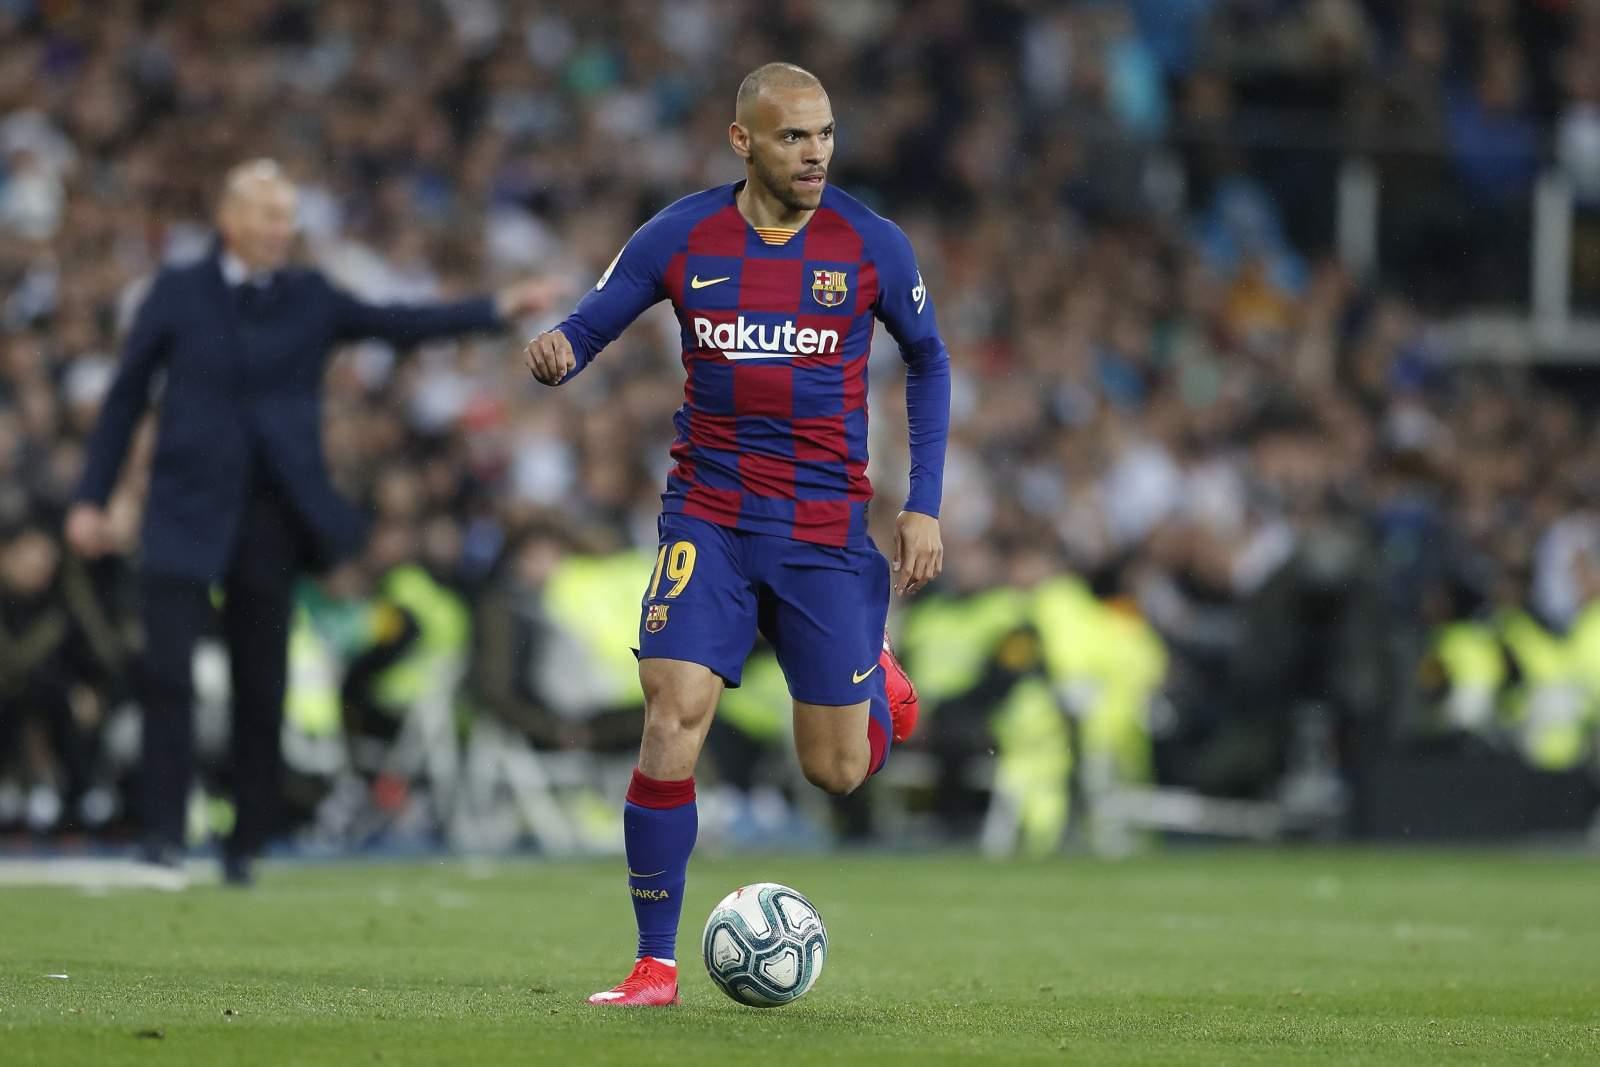 Брайтвайт: «Мне нравится, что «Барселона» ищет нового нападающего»